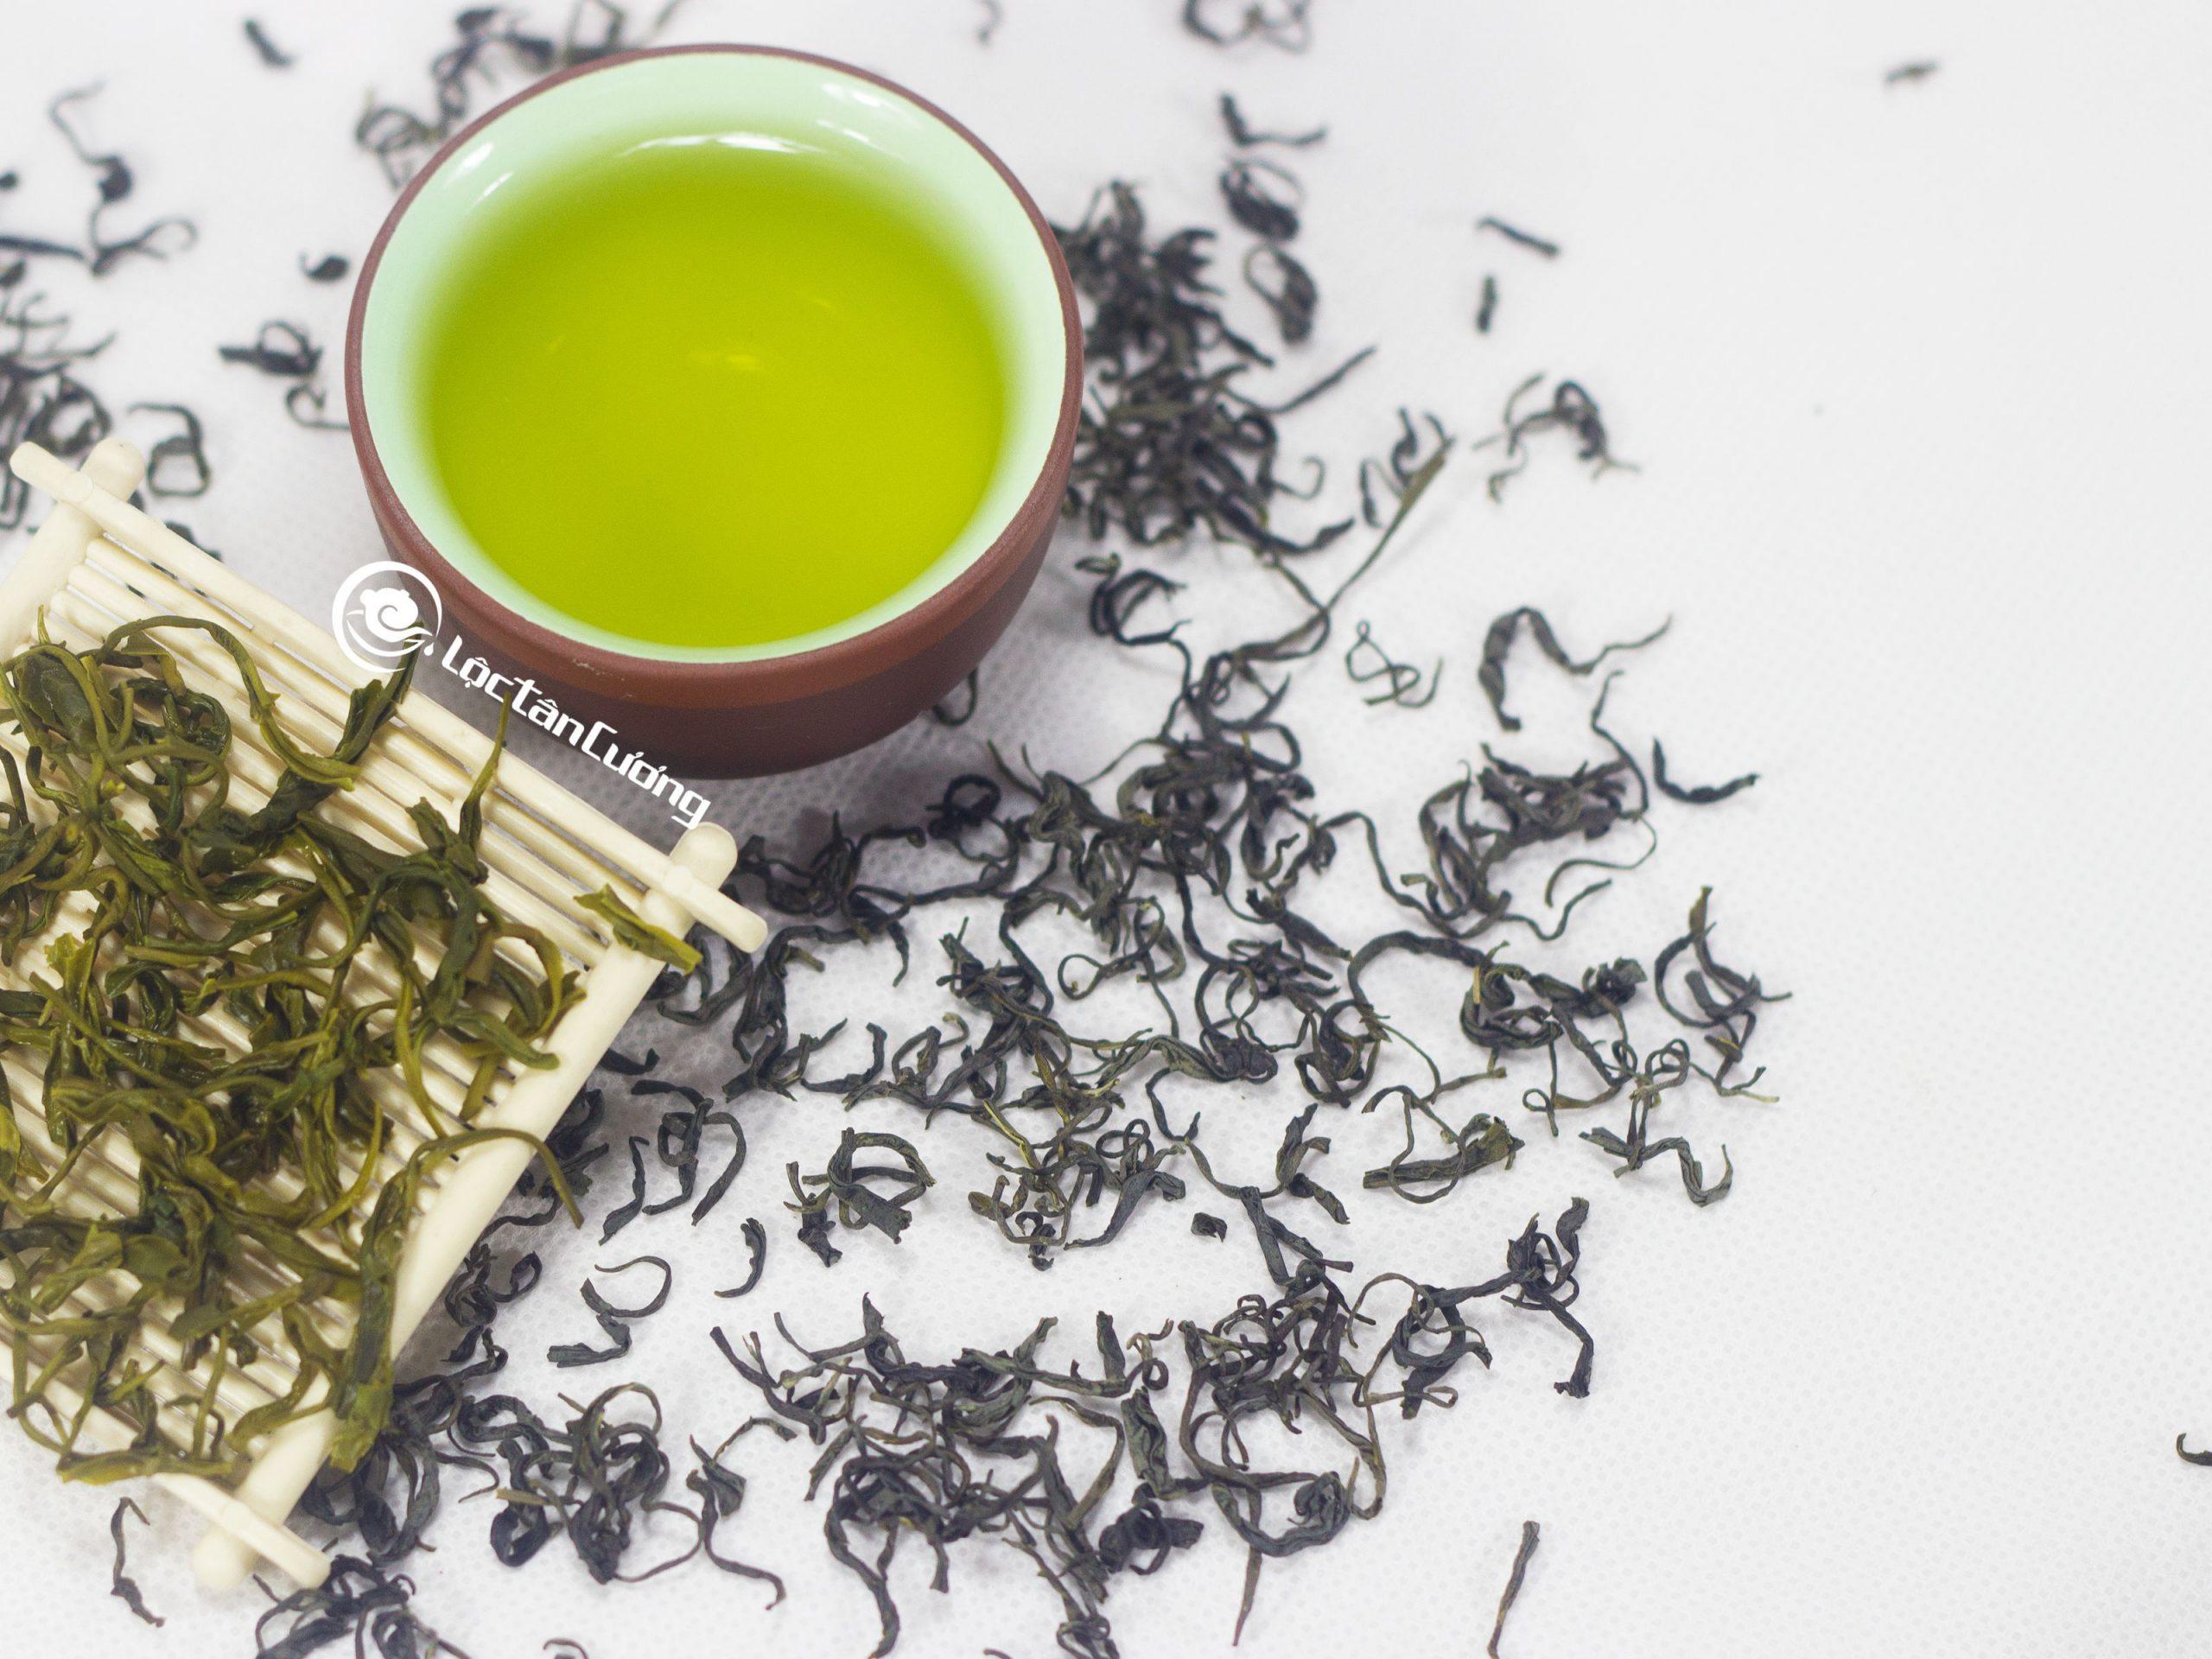 Chè sạch thái nguyên được công nhận là chè ngon dựa vào cánh trà nhỏ, xoăn, màu nước vàng xanh đẹp mắt, hương thơm cốm tự nhiên